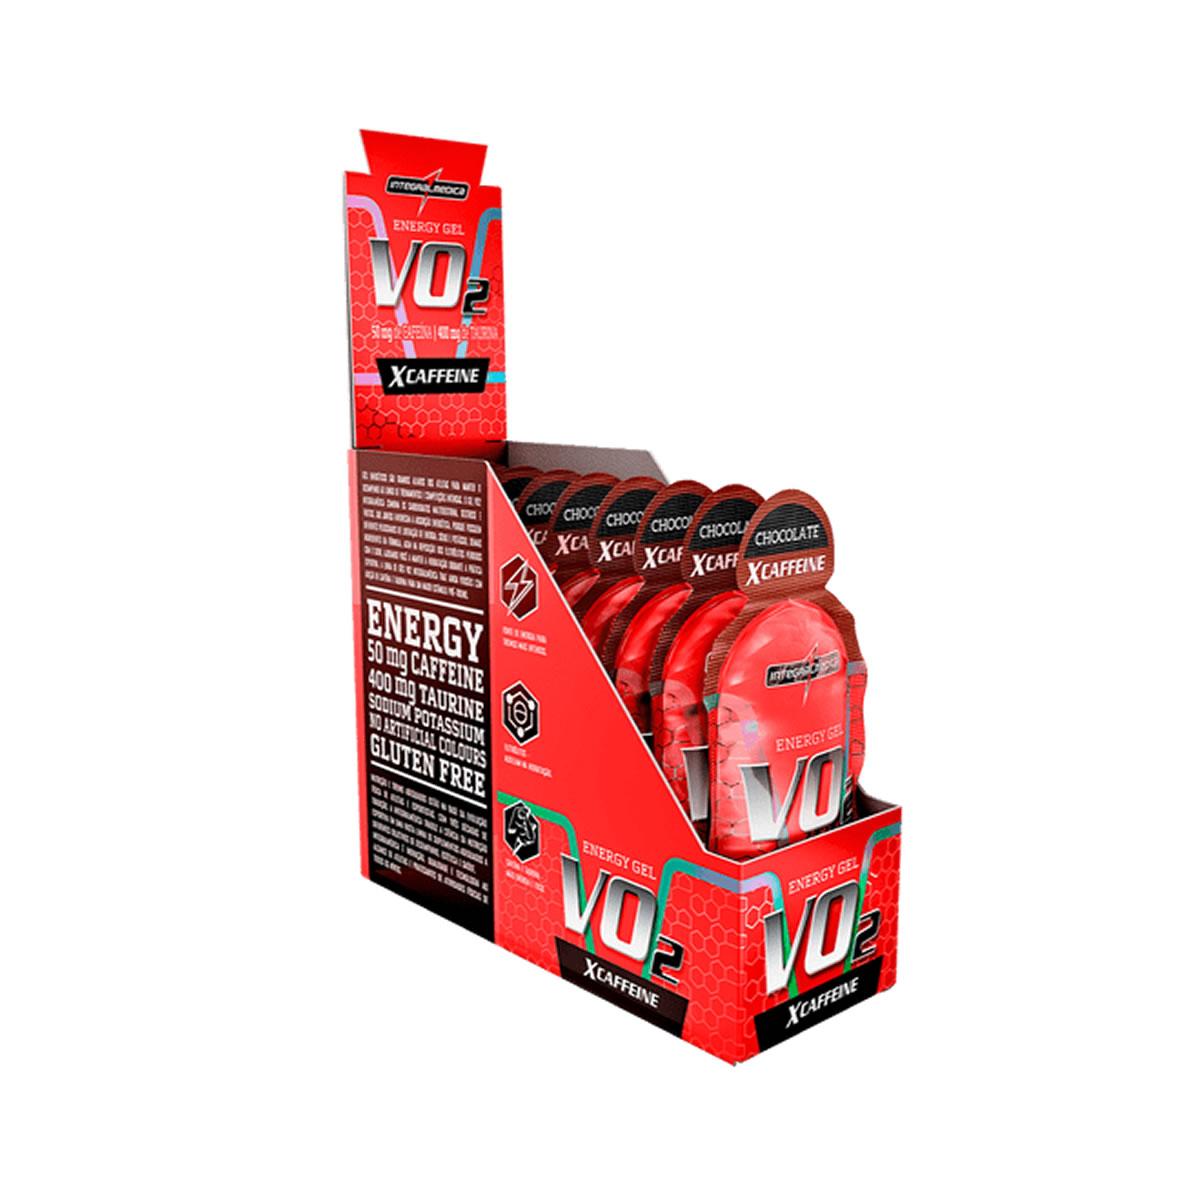 Energy Gel Vo2 XCaffeine Sabor Chocolate Display 10un de 30g - IntegralMedica